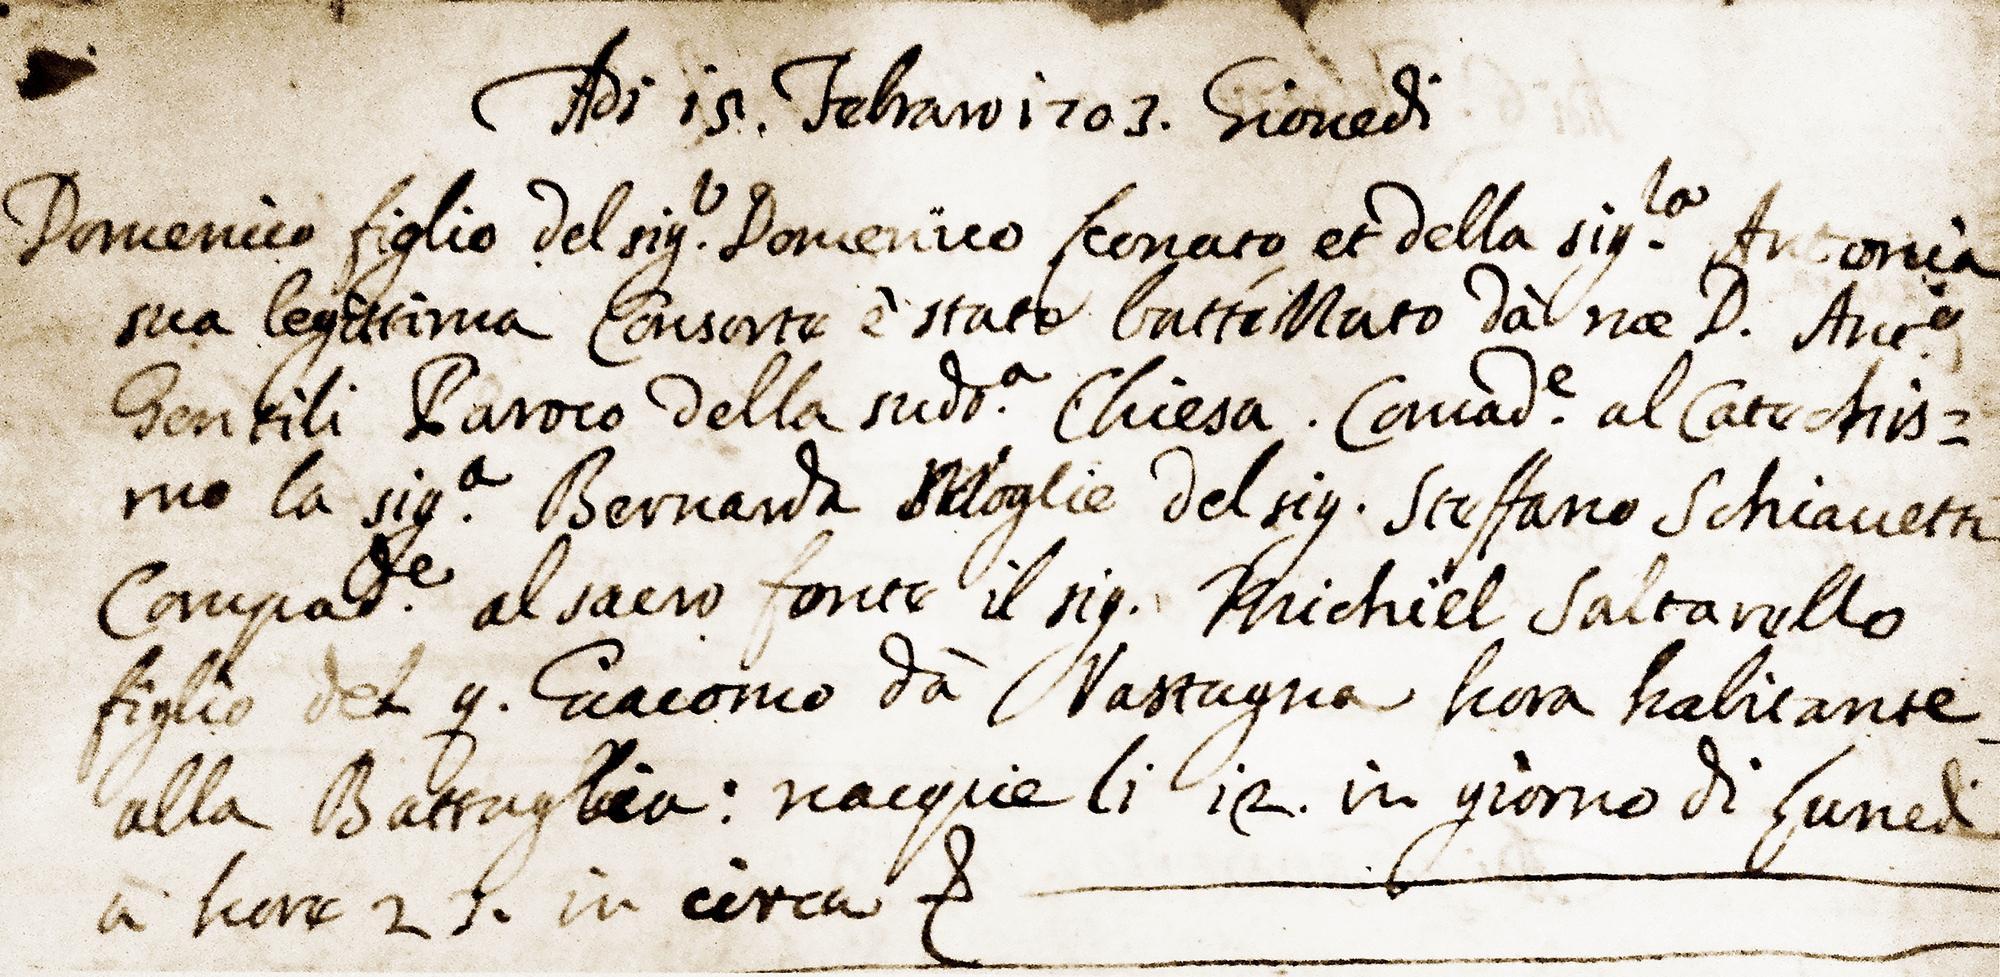 Atto di nascita e battesimo di don Domenico Leonati. Parrocchia di Battaglia Terme.